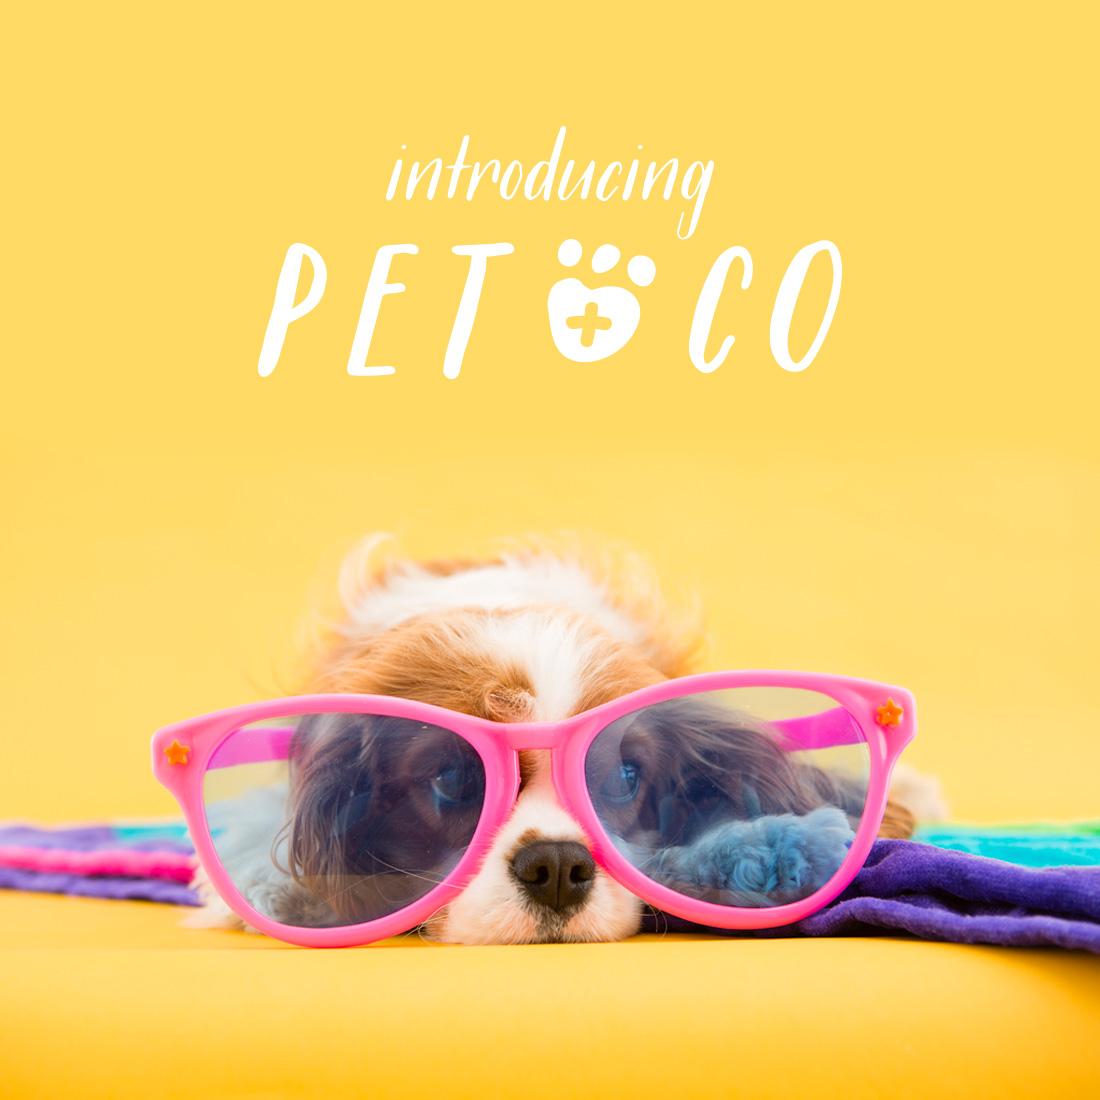 petandco-annouce-1100x1100-01